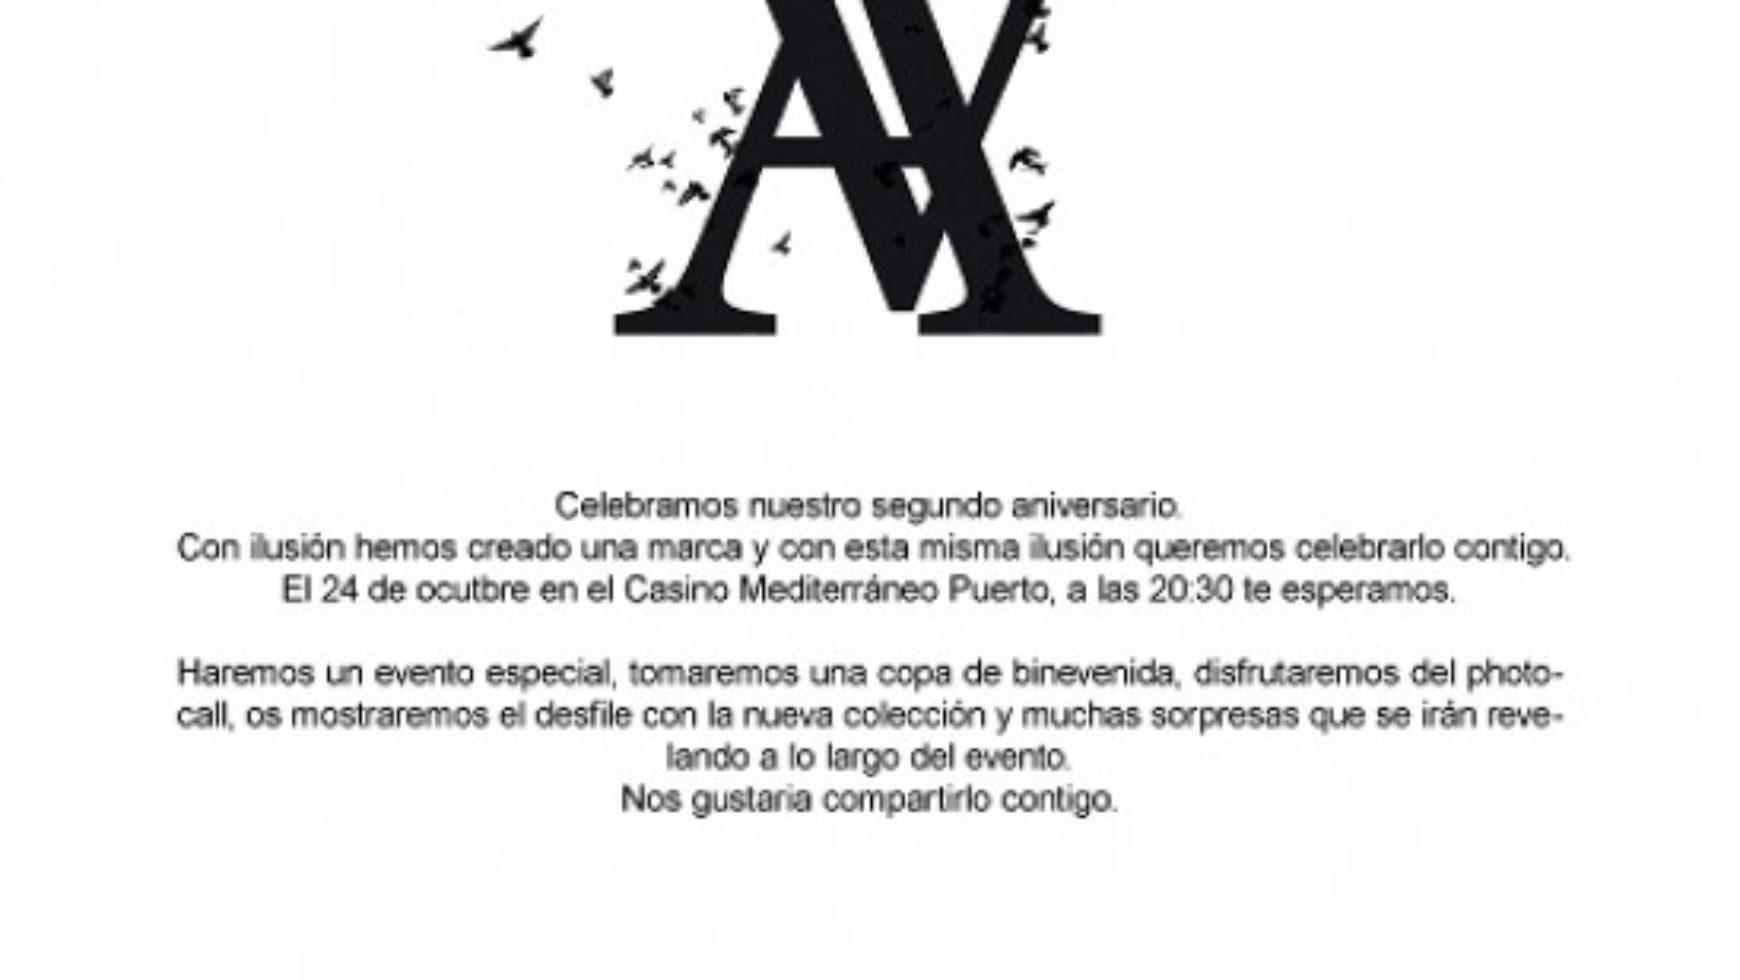 Avenida 22 celebra su aniversario el 24 de Octubre